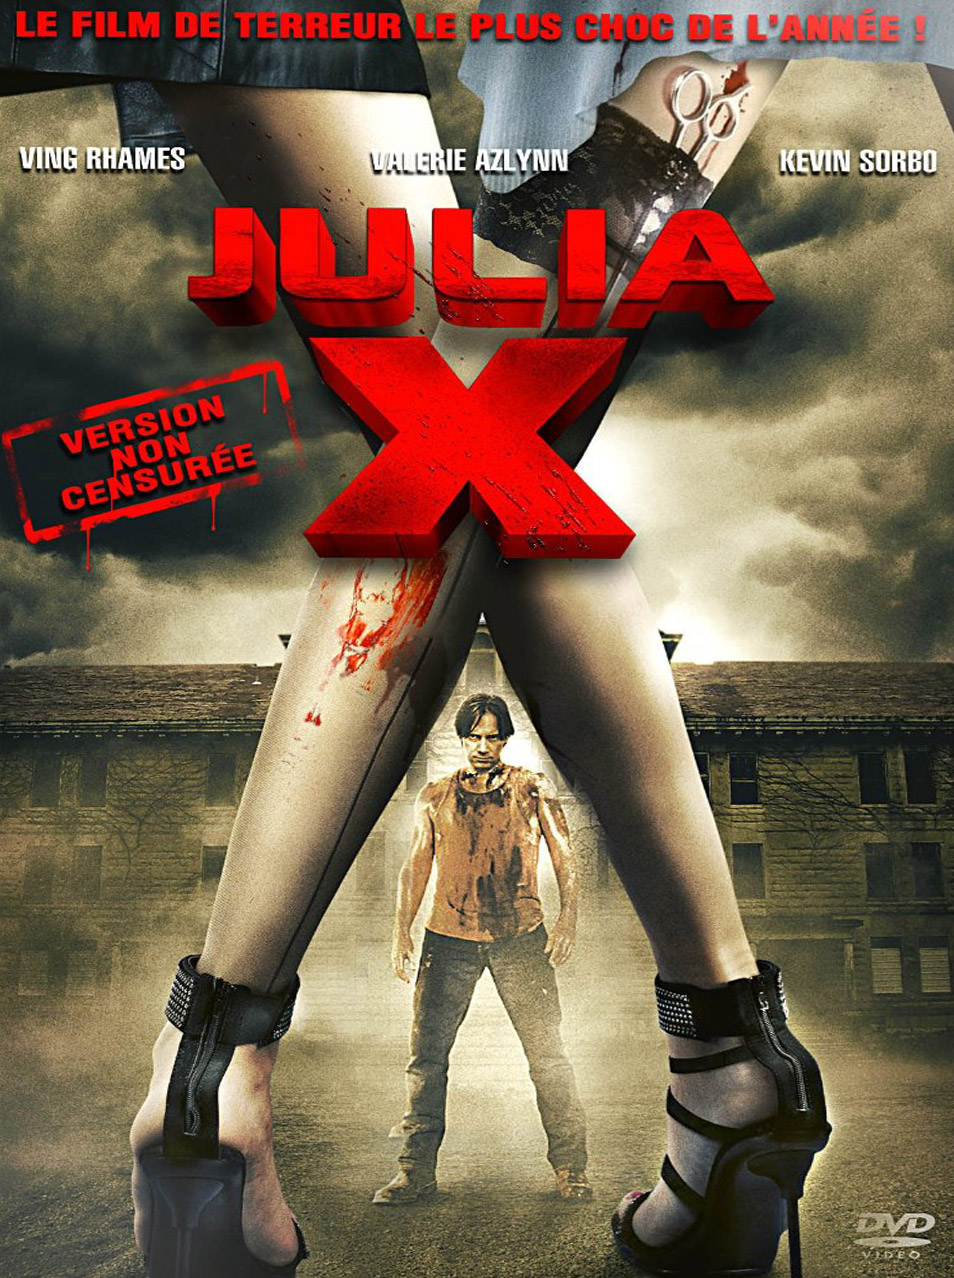 Ver Pel�cula Julia X (2011)